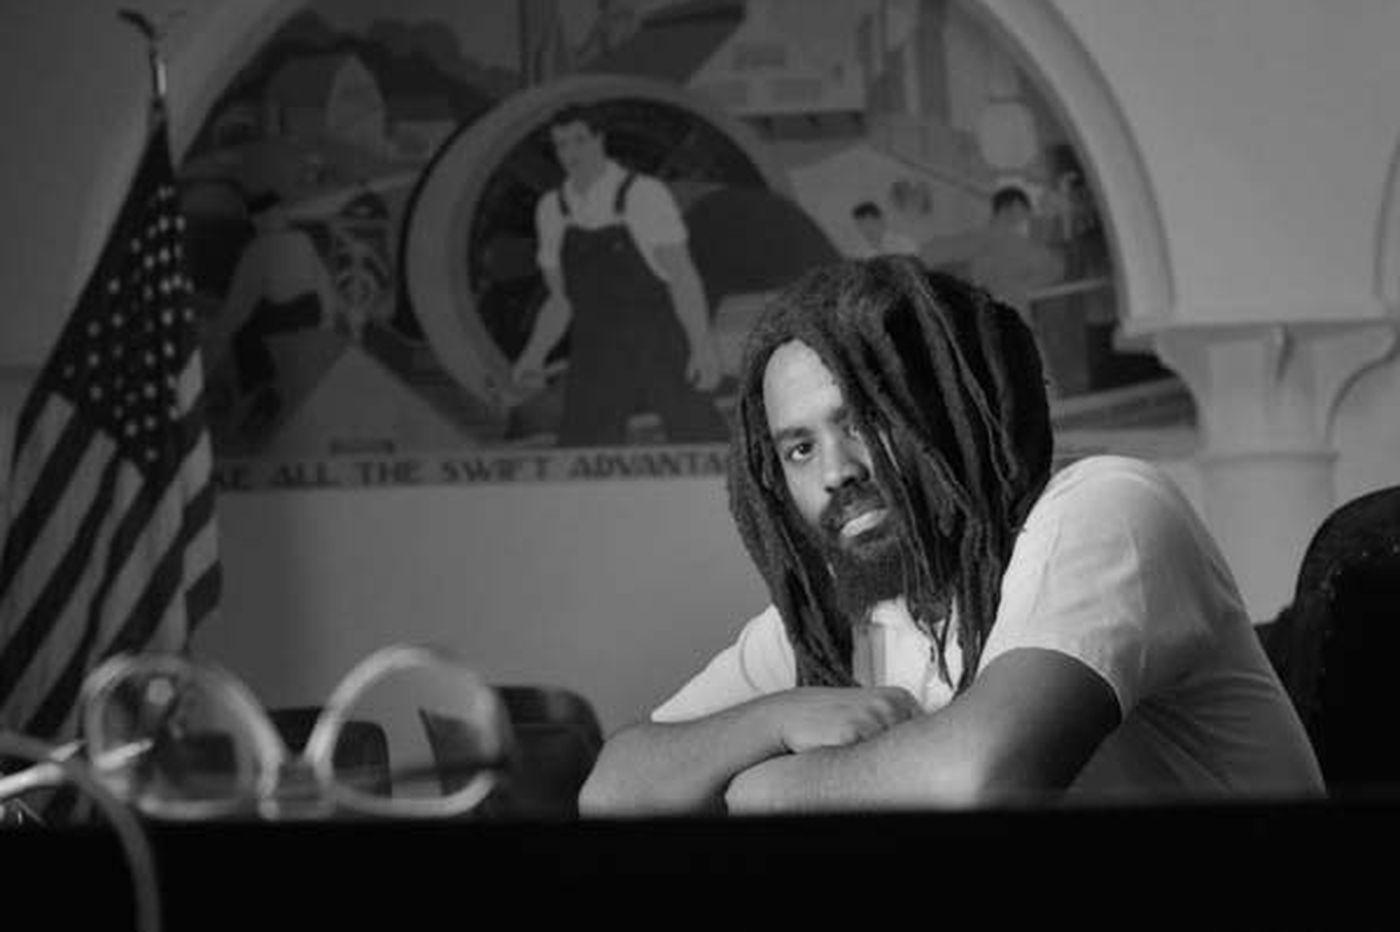 Abu-Jamal portrayed as intellectual and victim